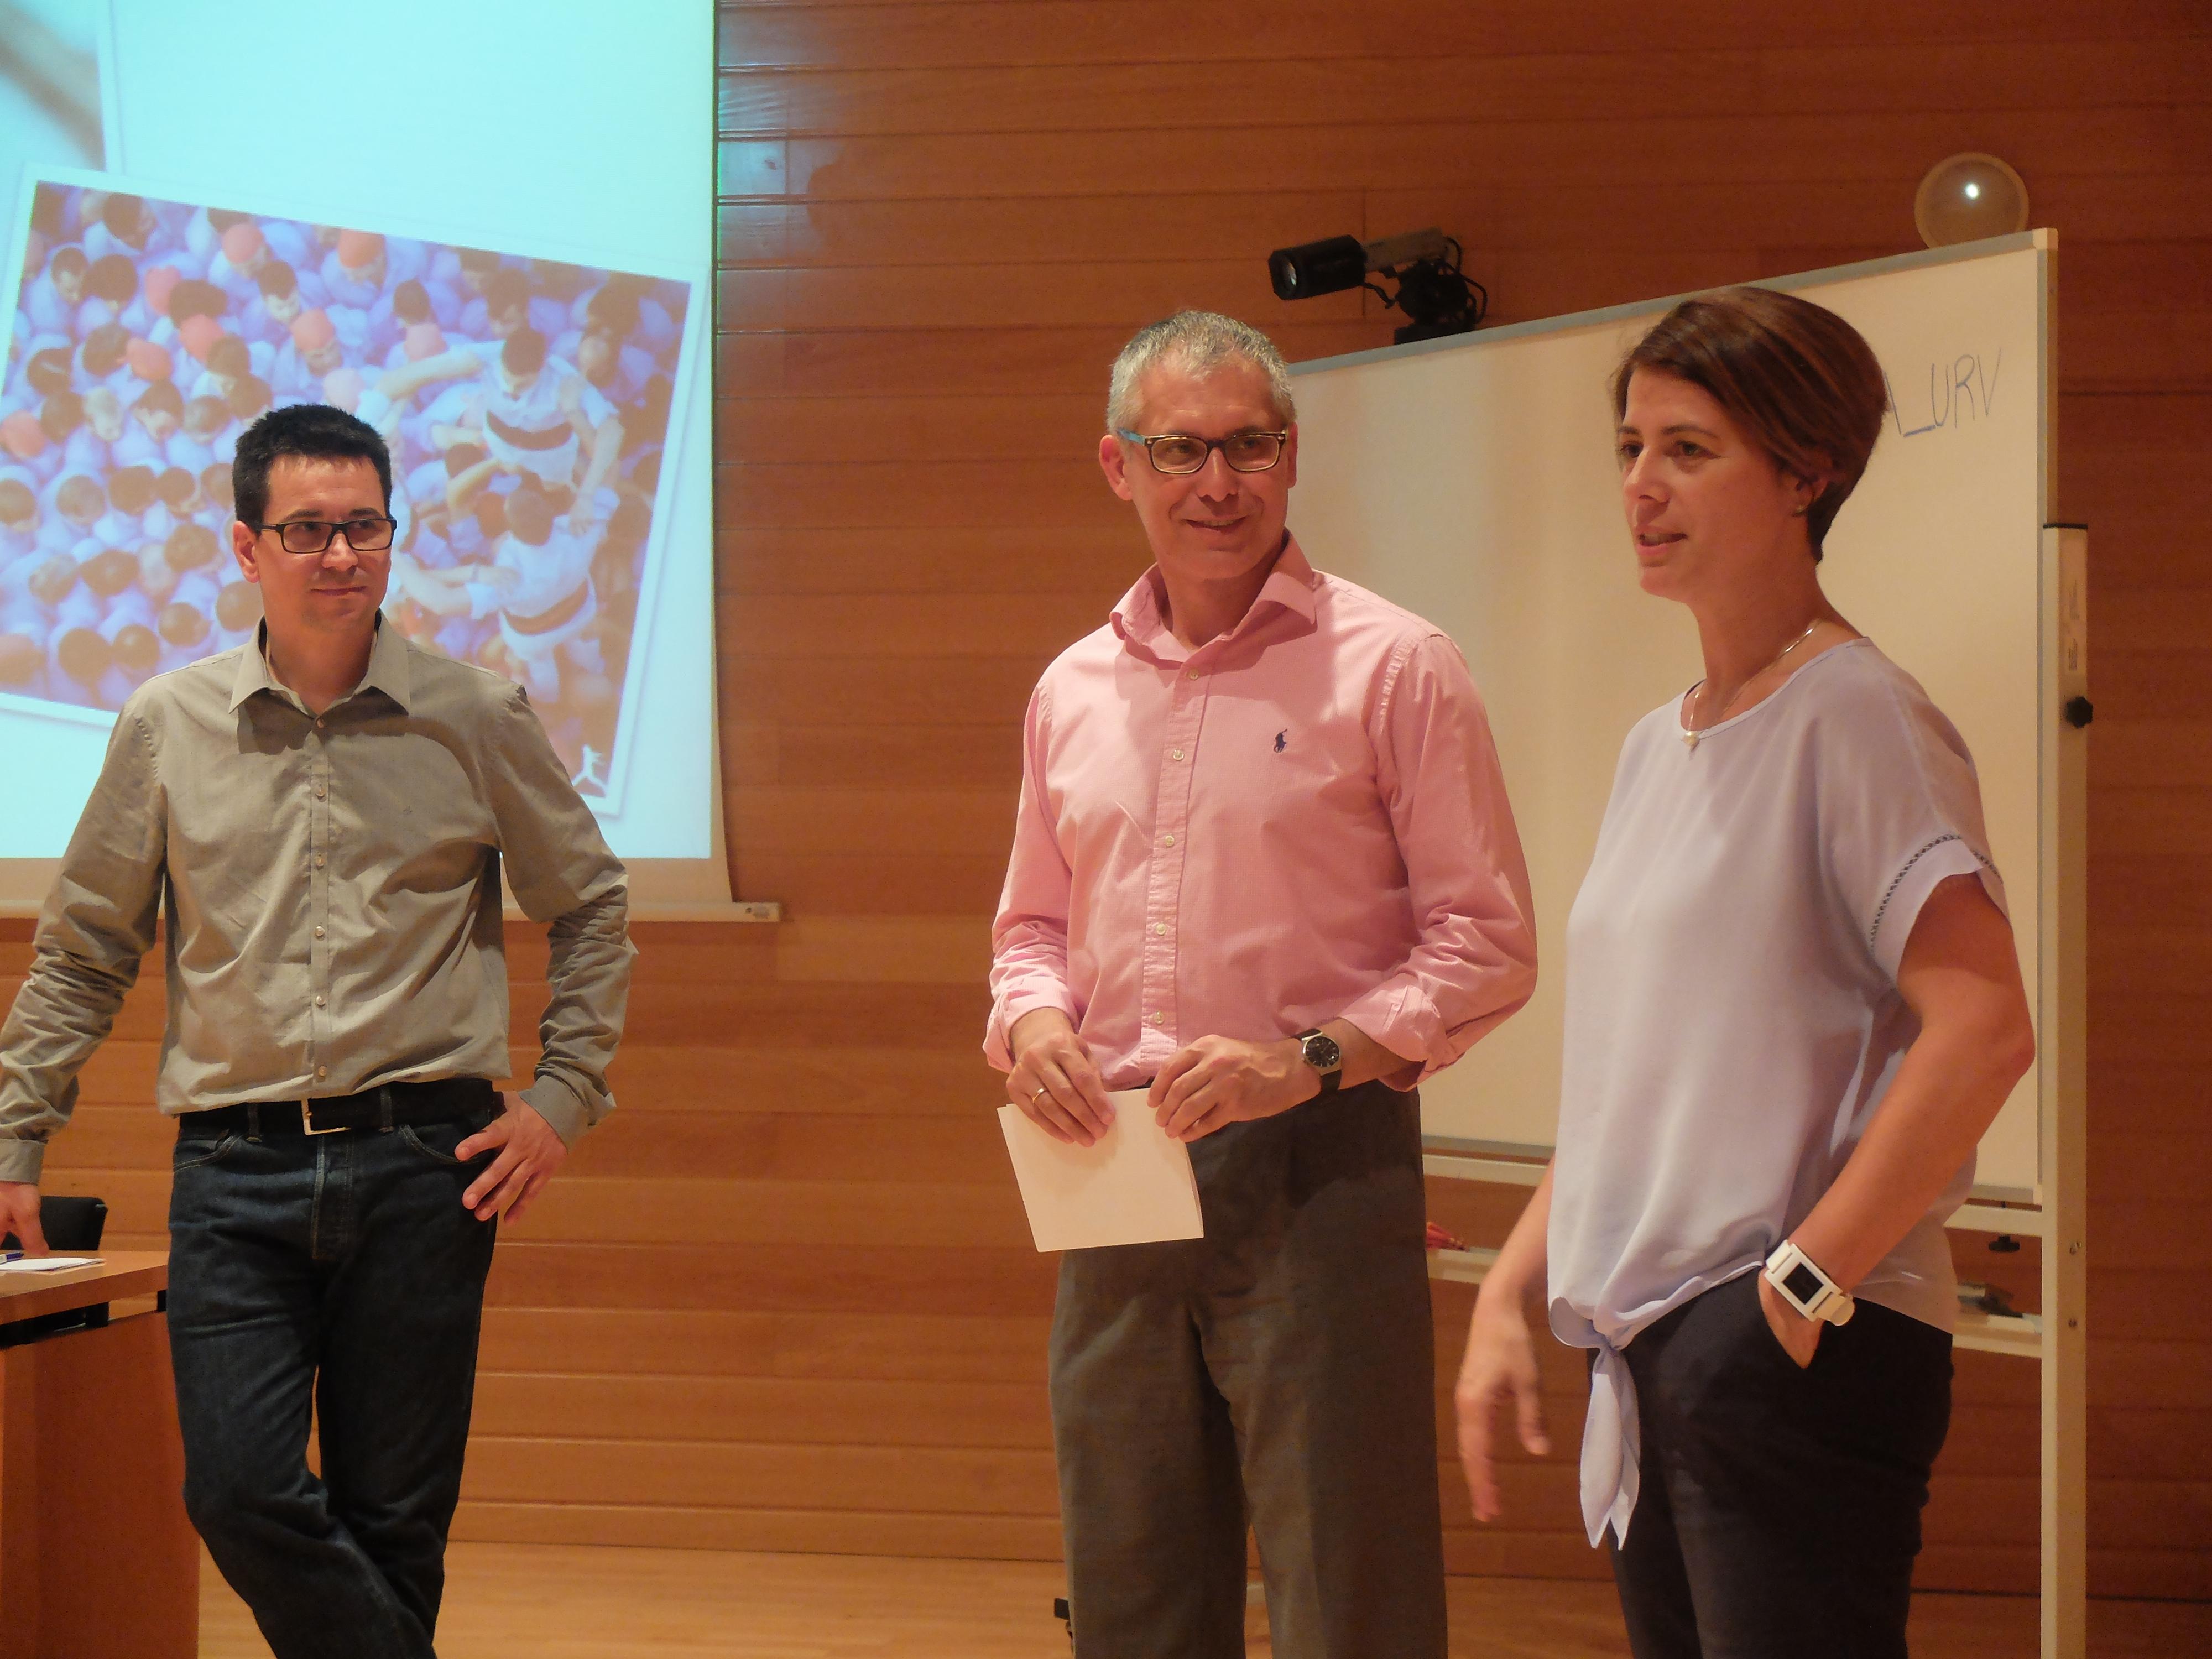 D'esquerra a dreta: Pere Marc Franquet, exalumne 13a edició; Joan Ramon Alabart, director de l'MBA URV; Cristina Subirana, presidenta de l'ALUMNI MBA URV